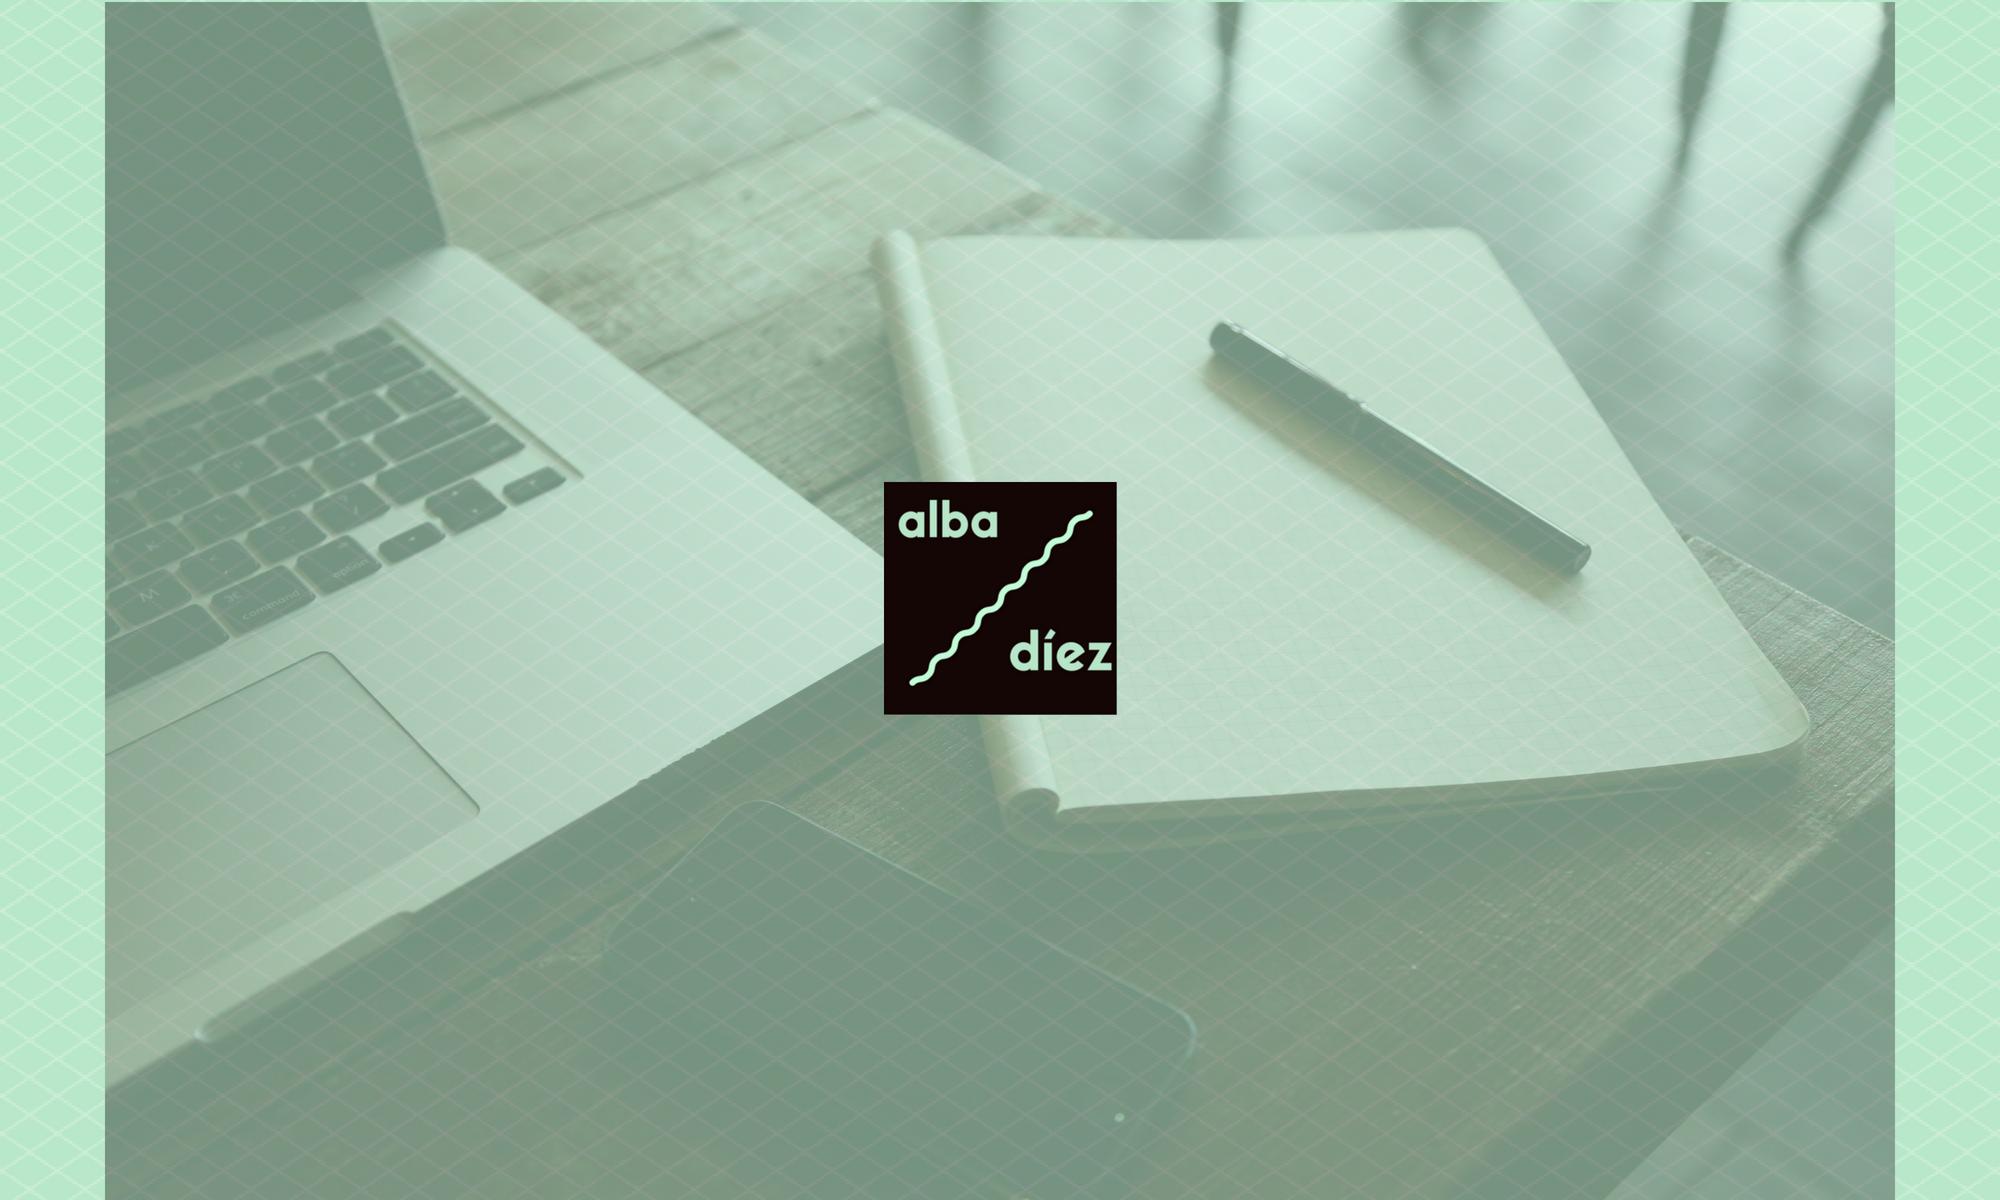 blog textos freelance